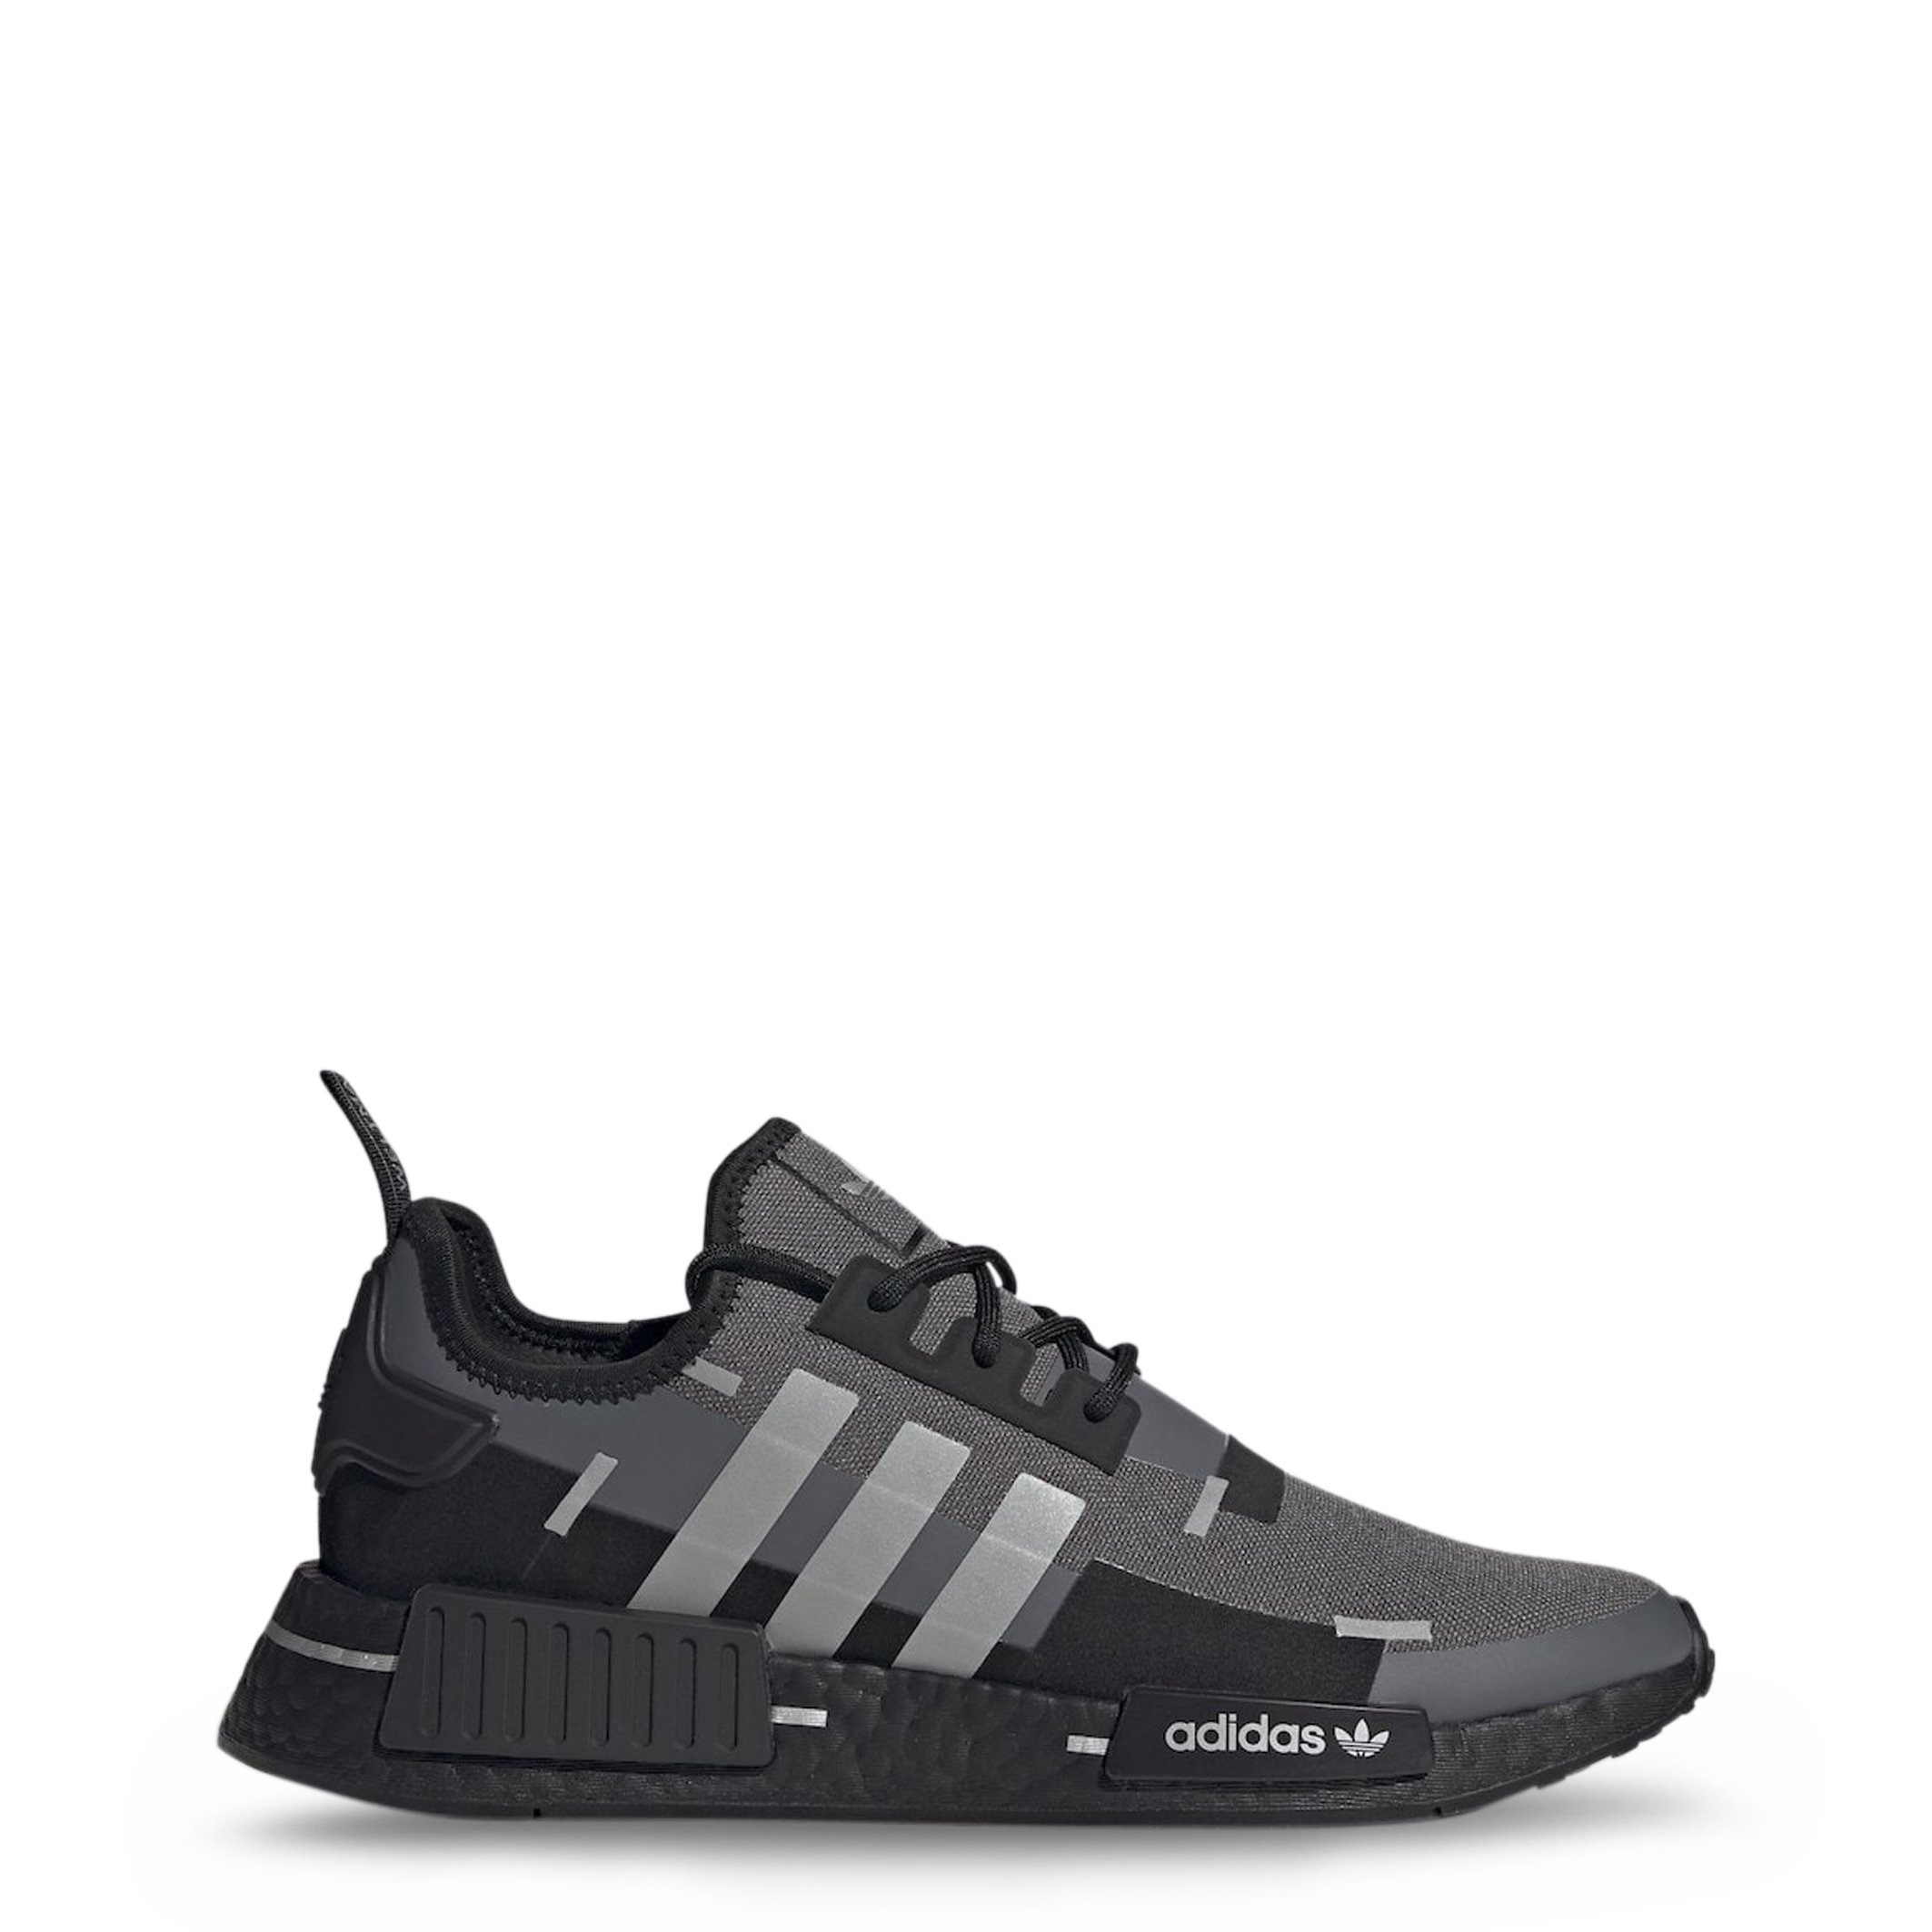 Adidas Unisex Trainer White FV8727 - black-3 UK 6.5